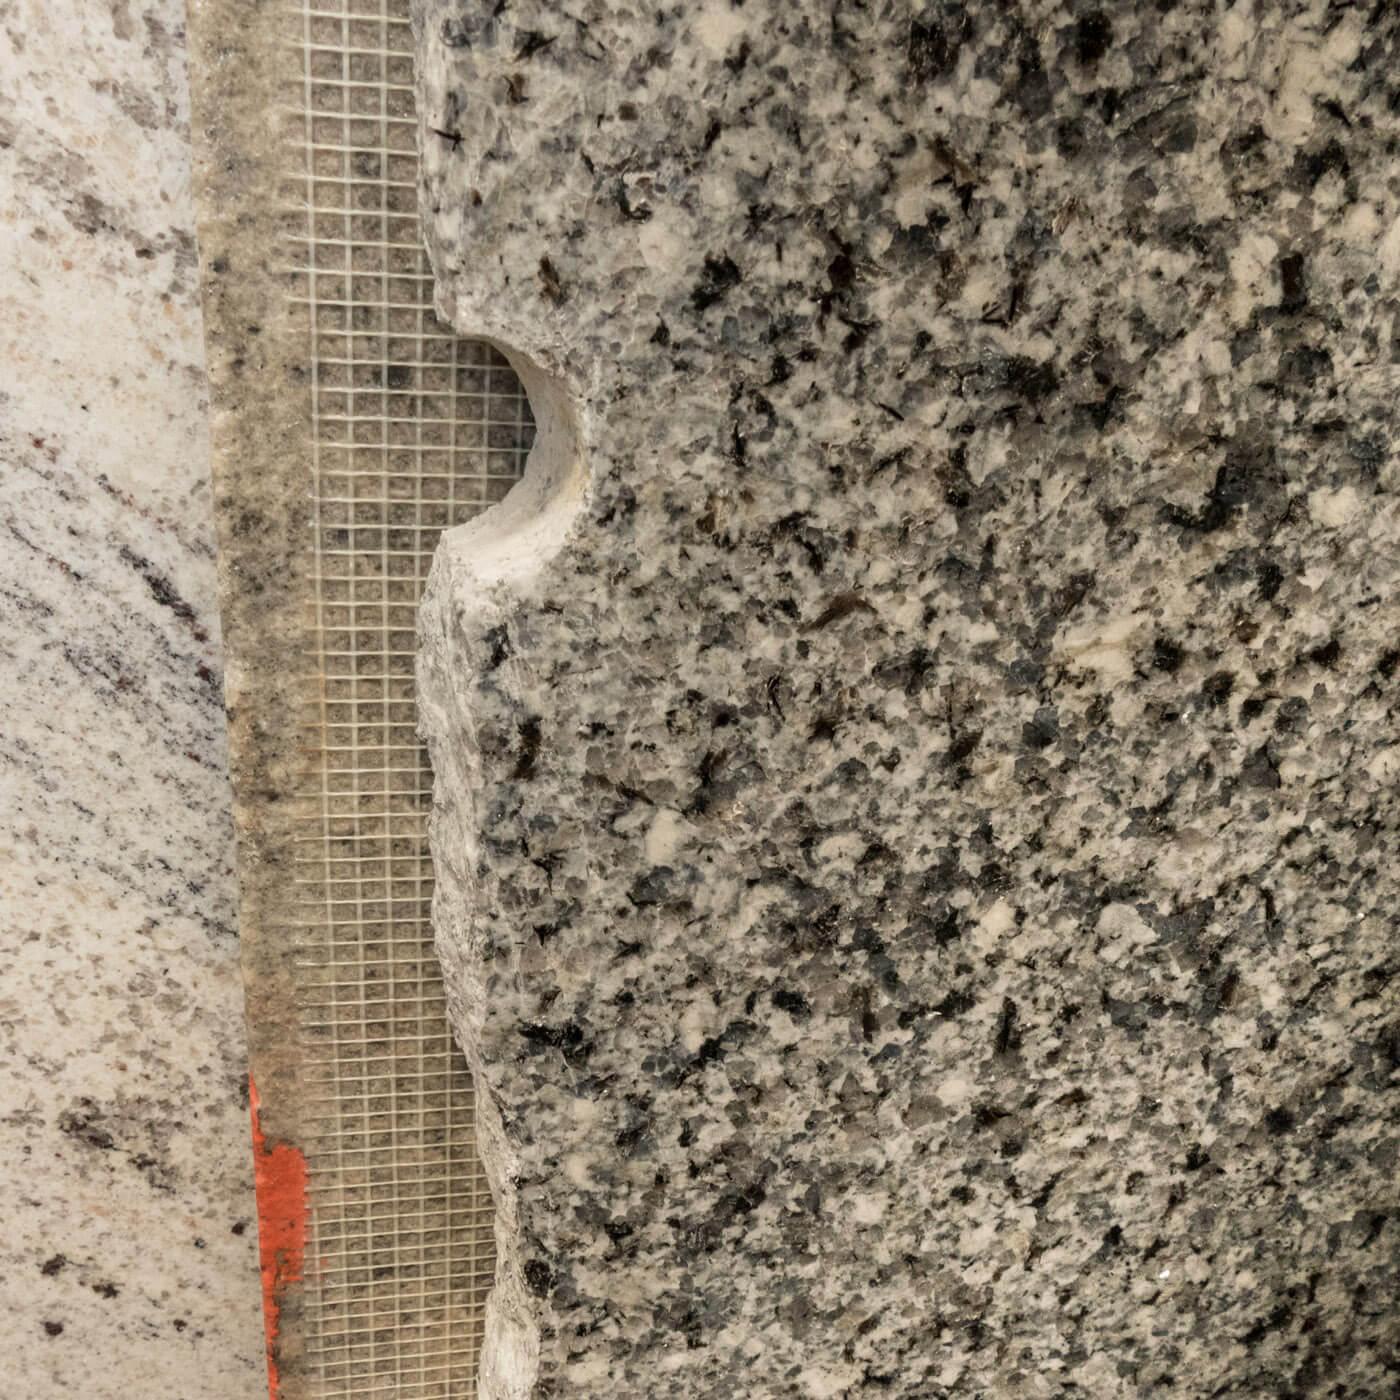 azul-platino-granite-drilling-marks-edge-profiles